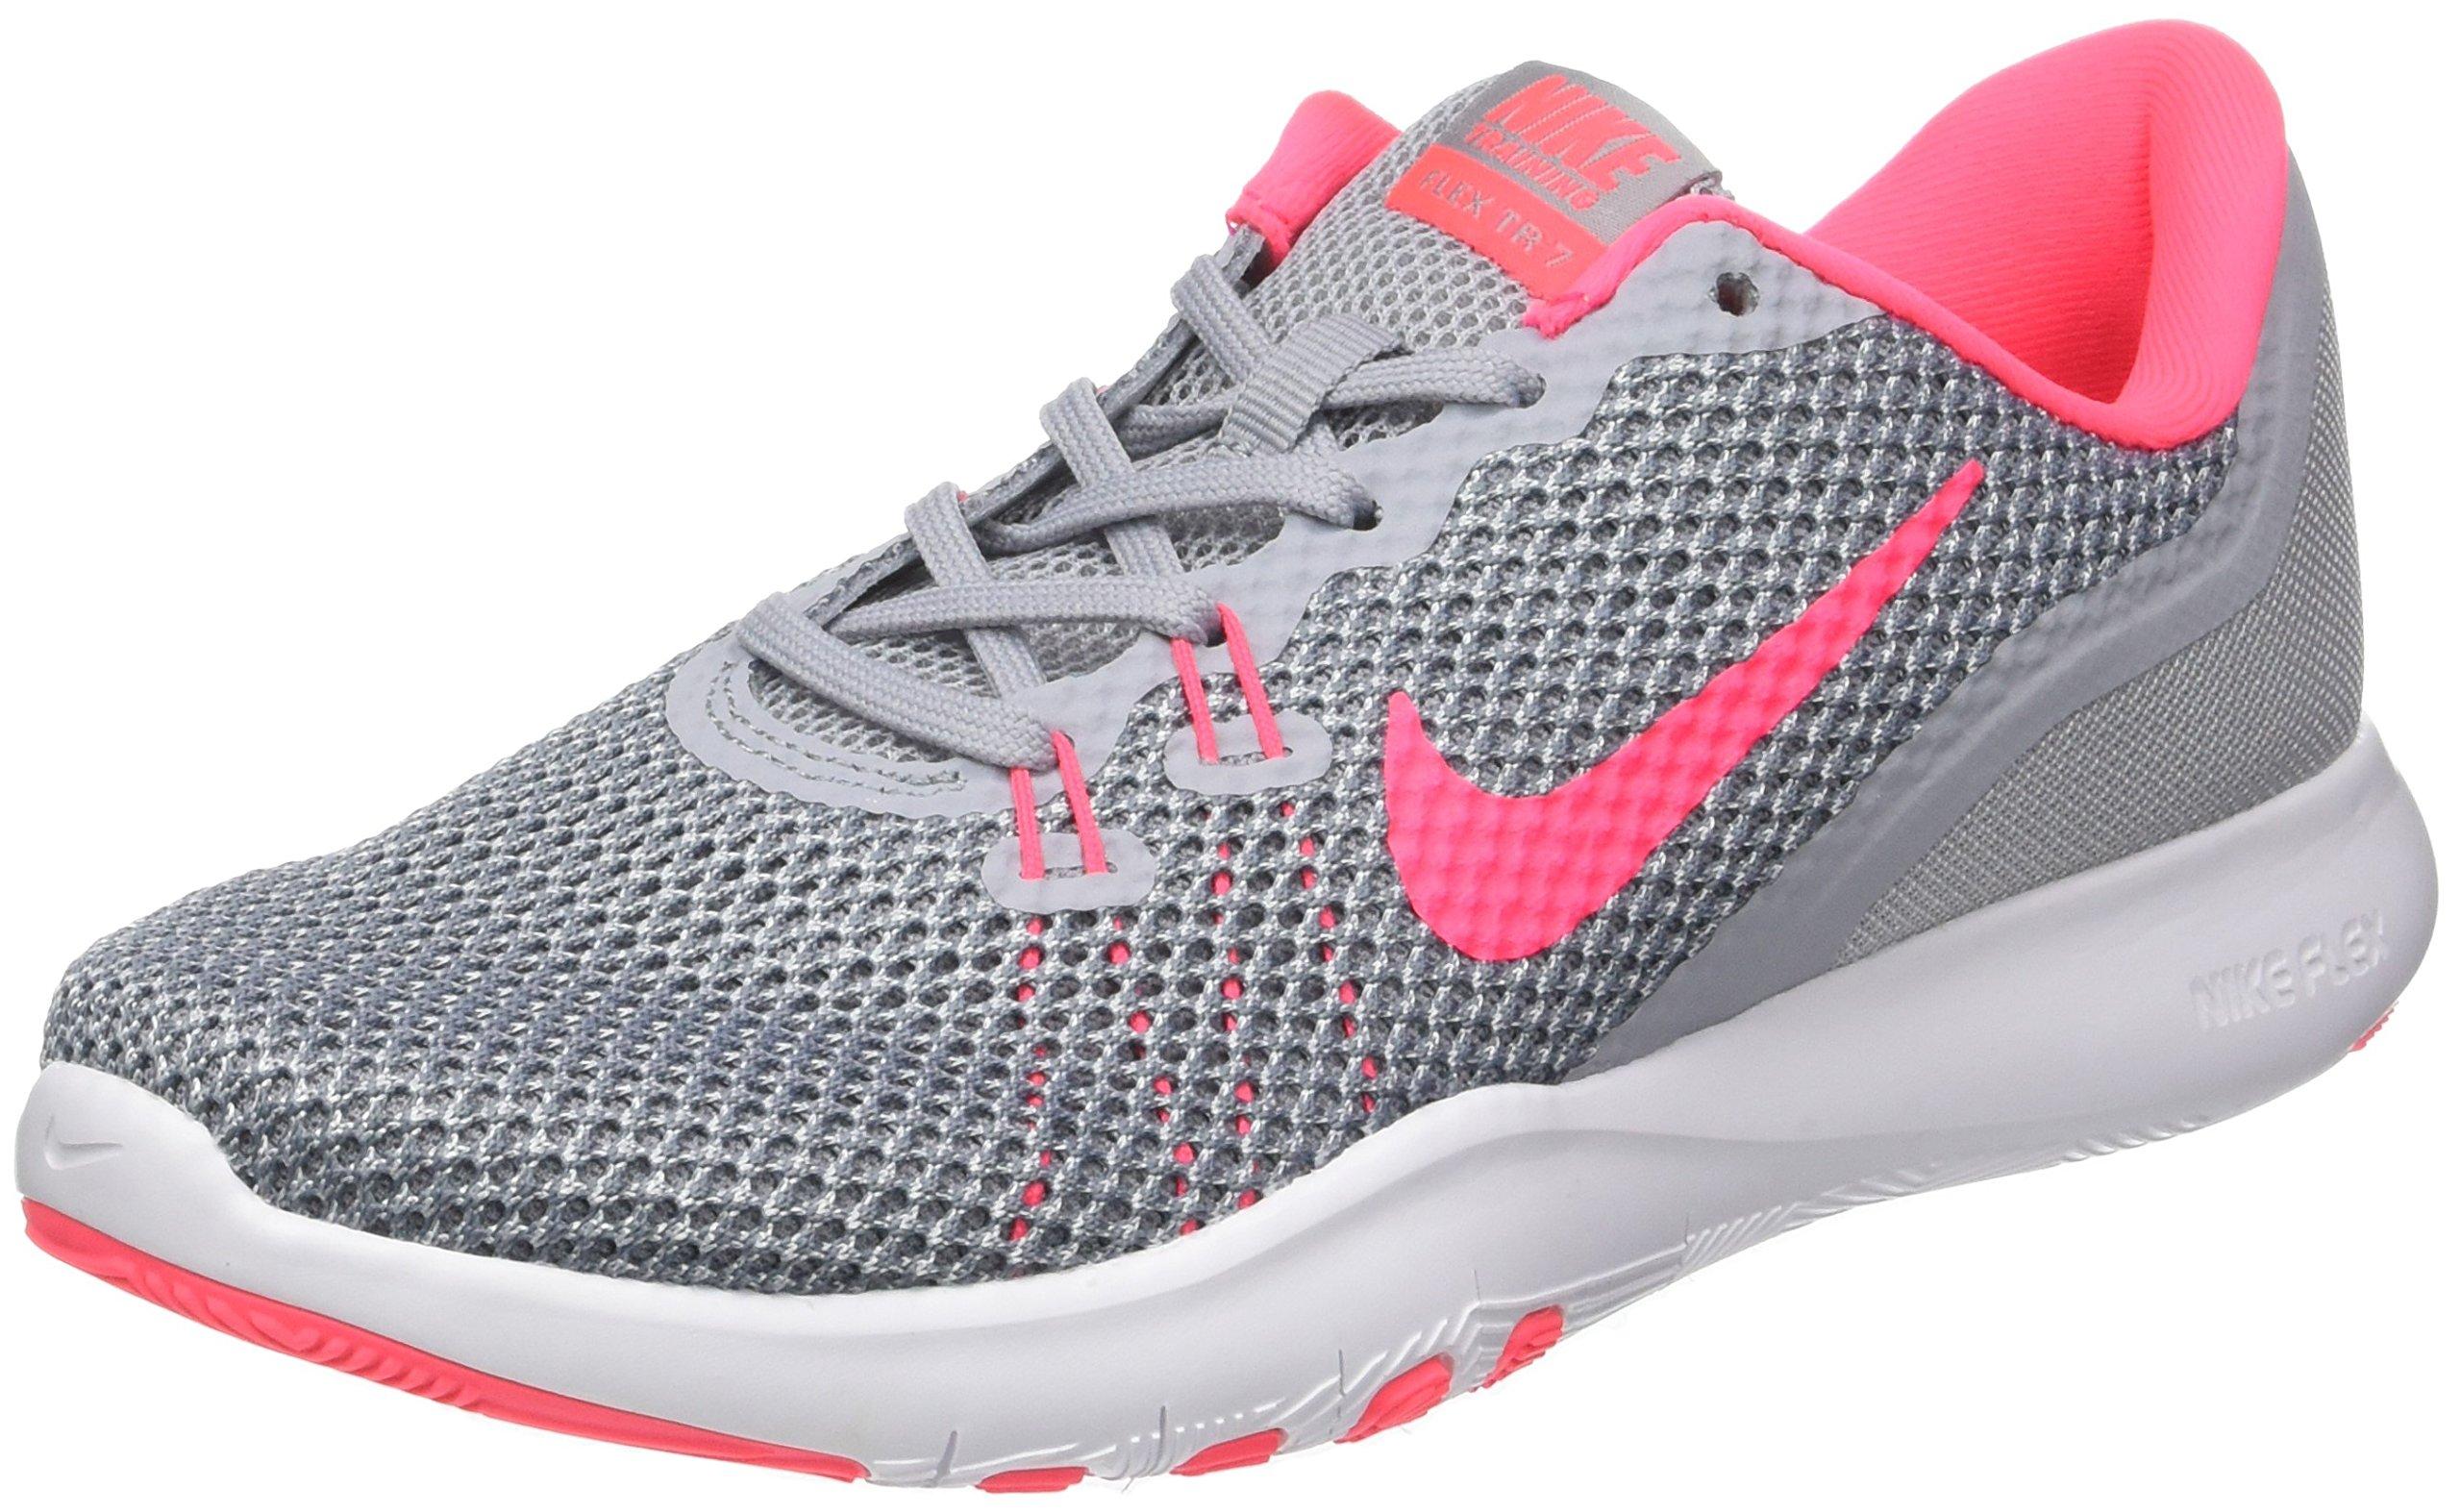 NIKE New Women's Flex Trainer 7 Cross Trainer Grey/Racer Pink 10